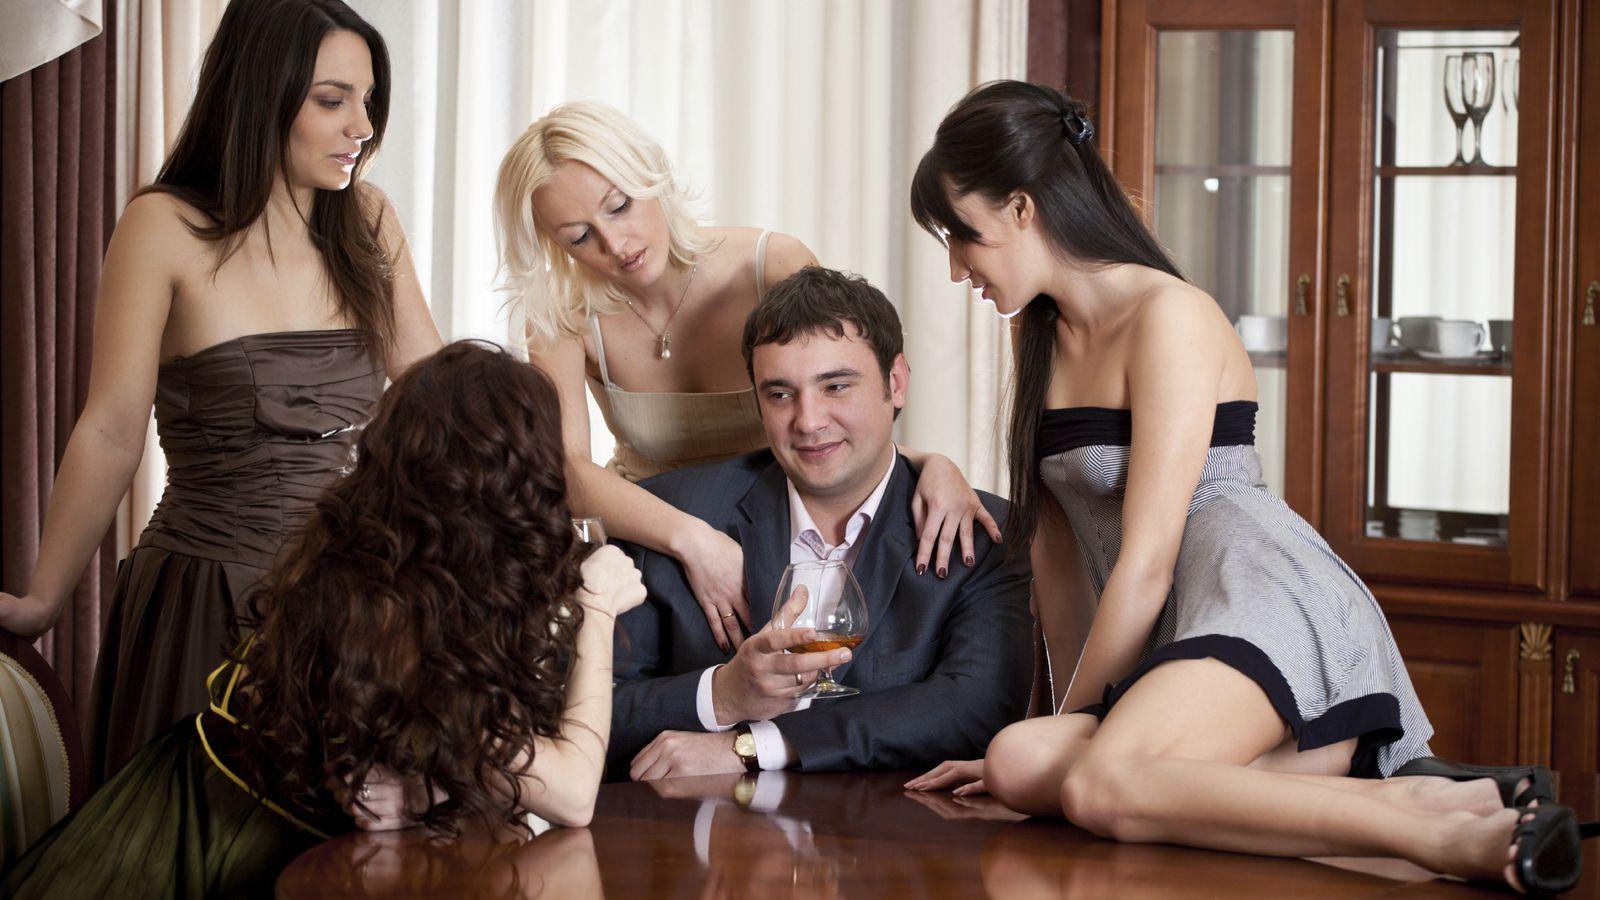 erotika-chetvero-v-odnoy-probkoy